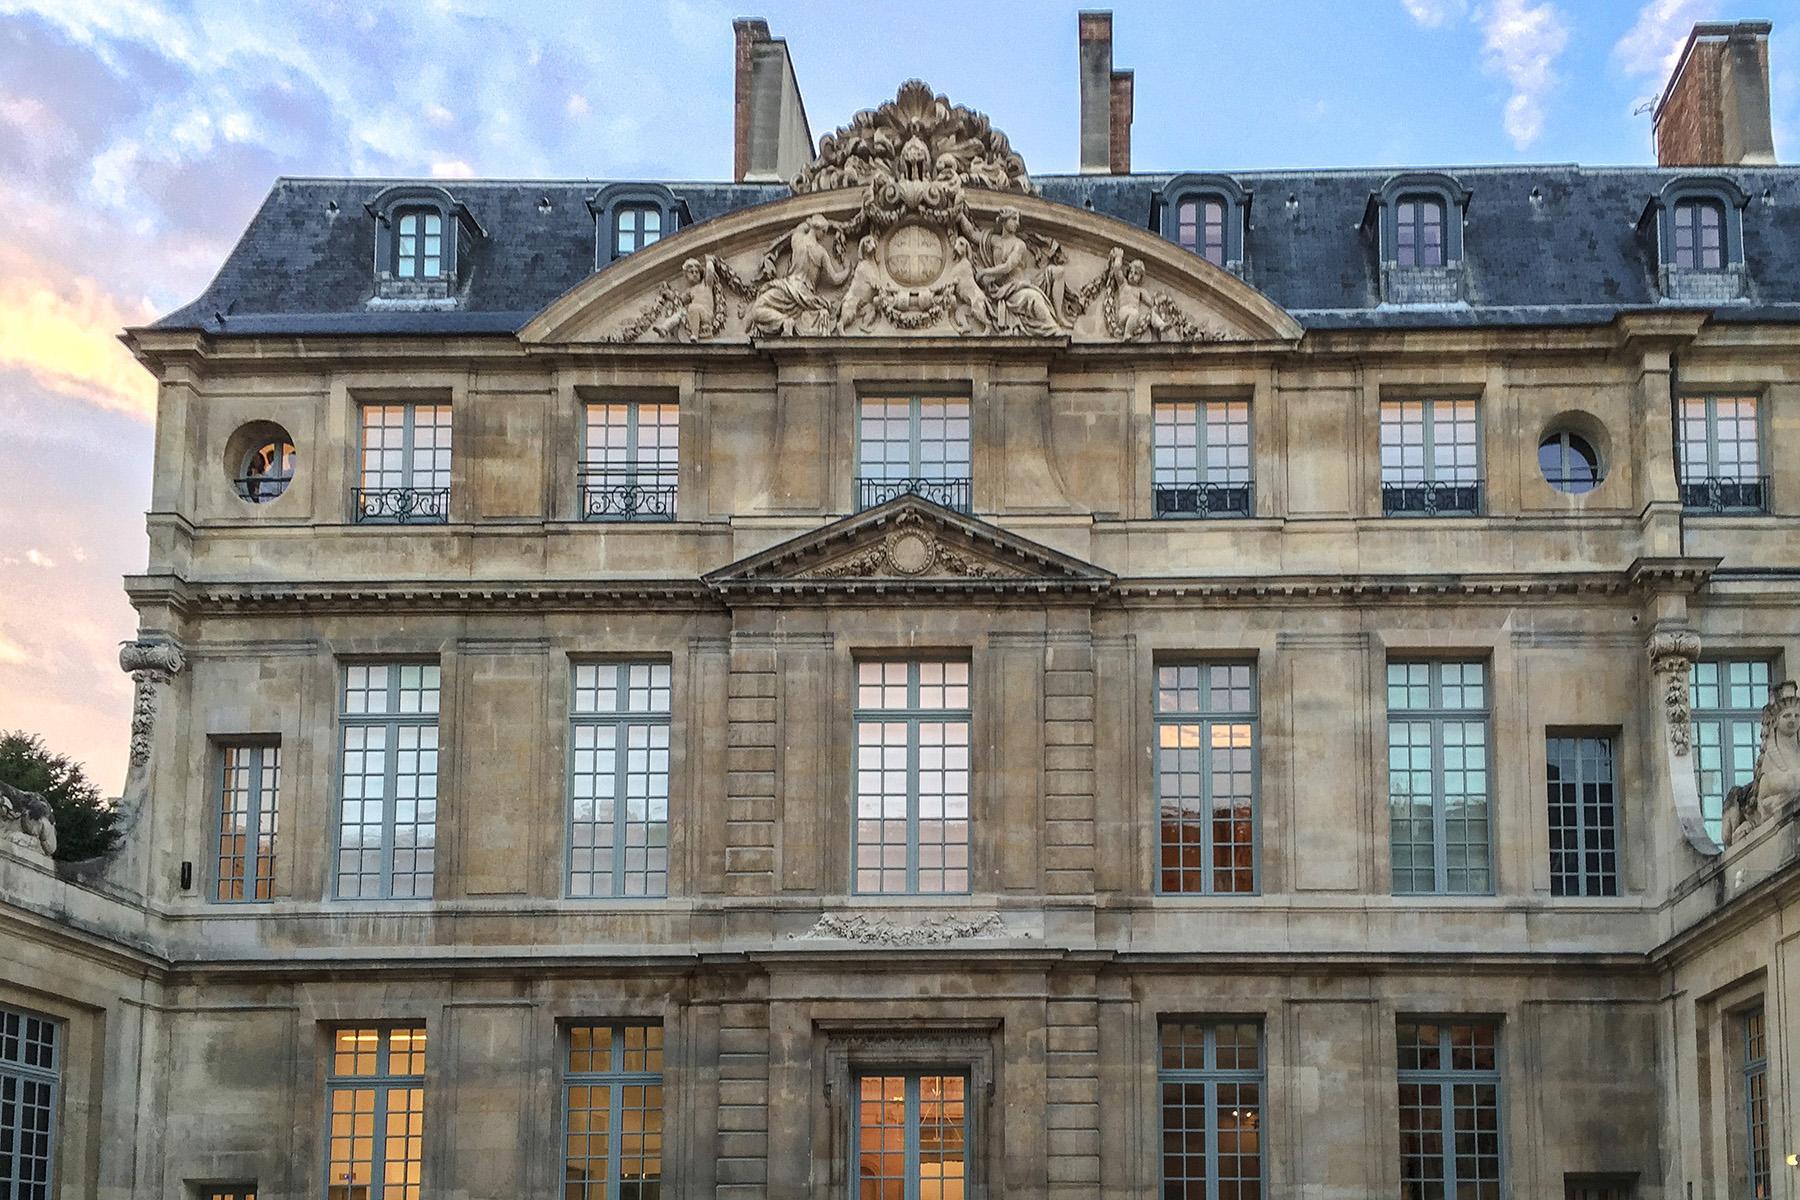 افضل 5 انشطة عند زيارة متحف بيكاسو في باريس فرنسا